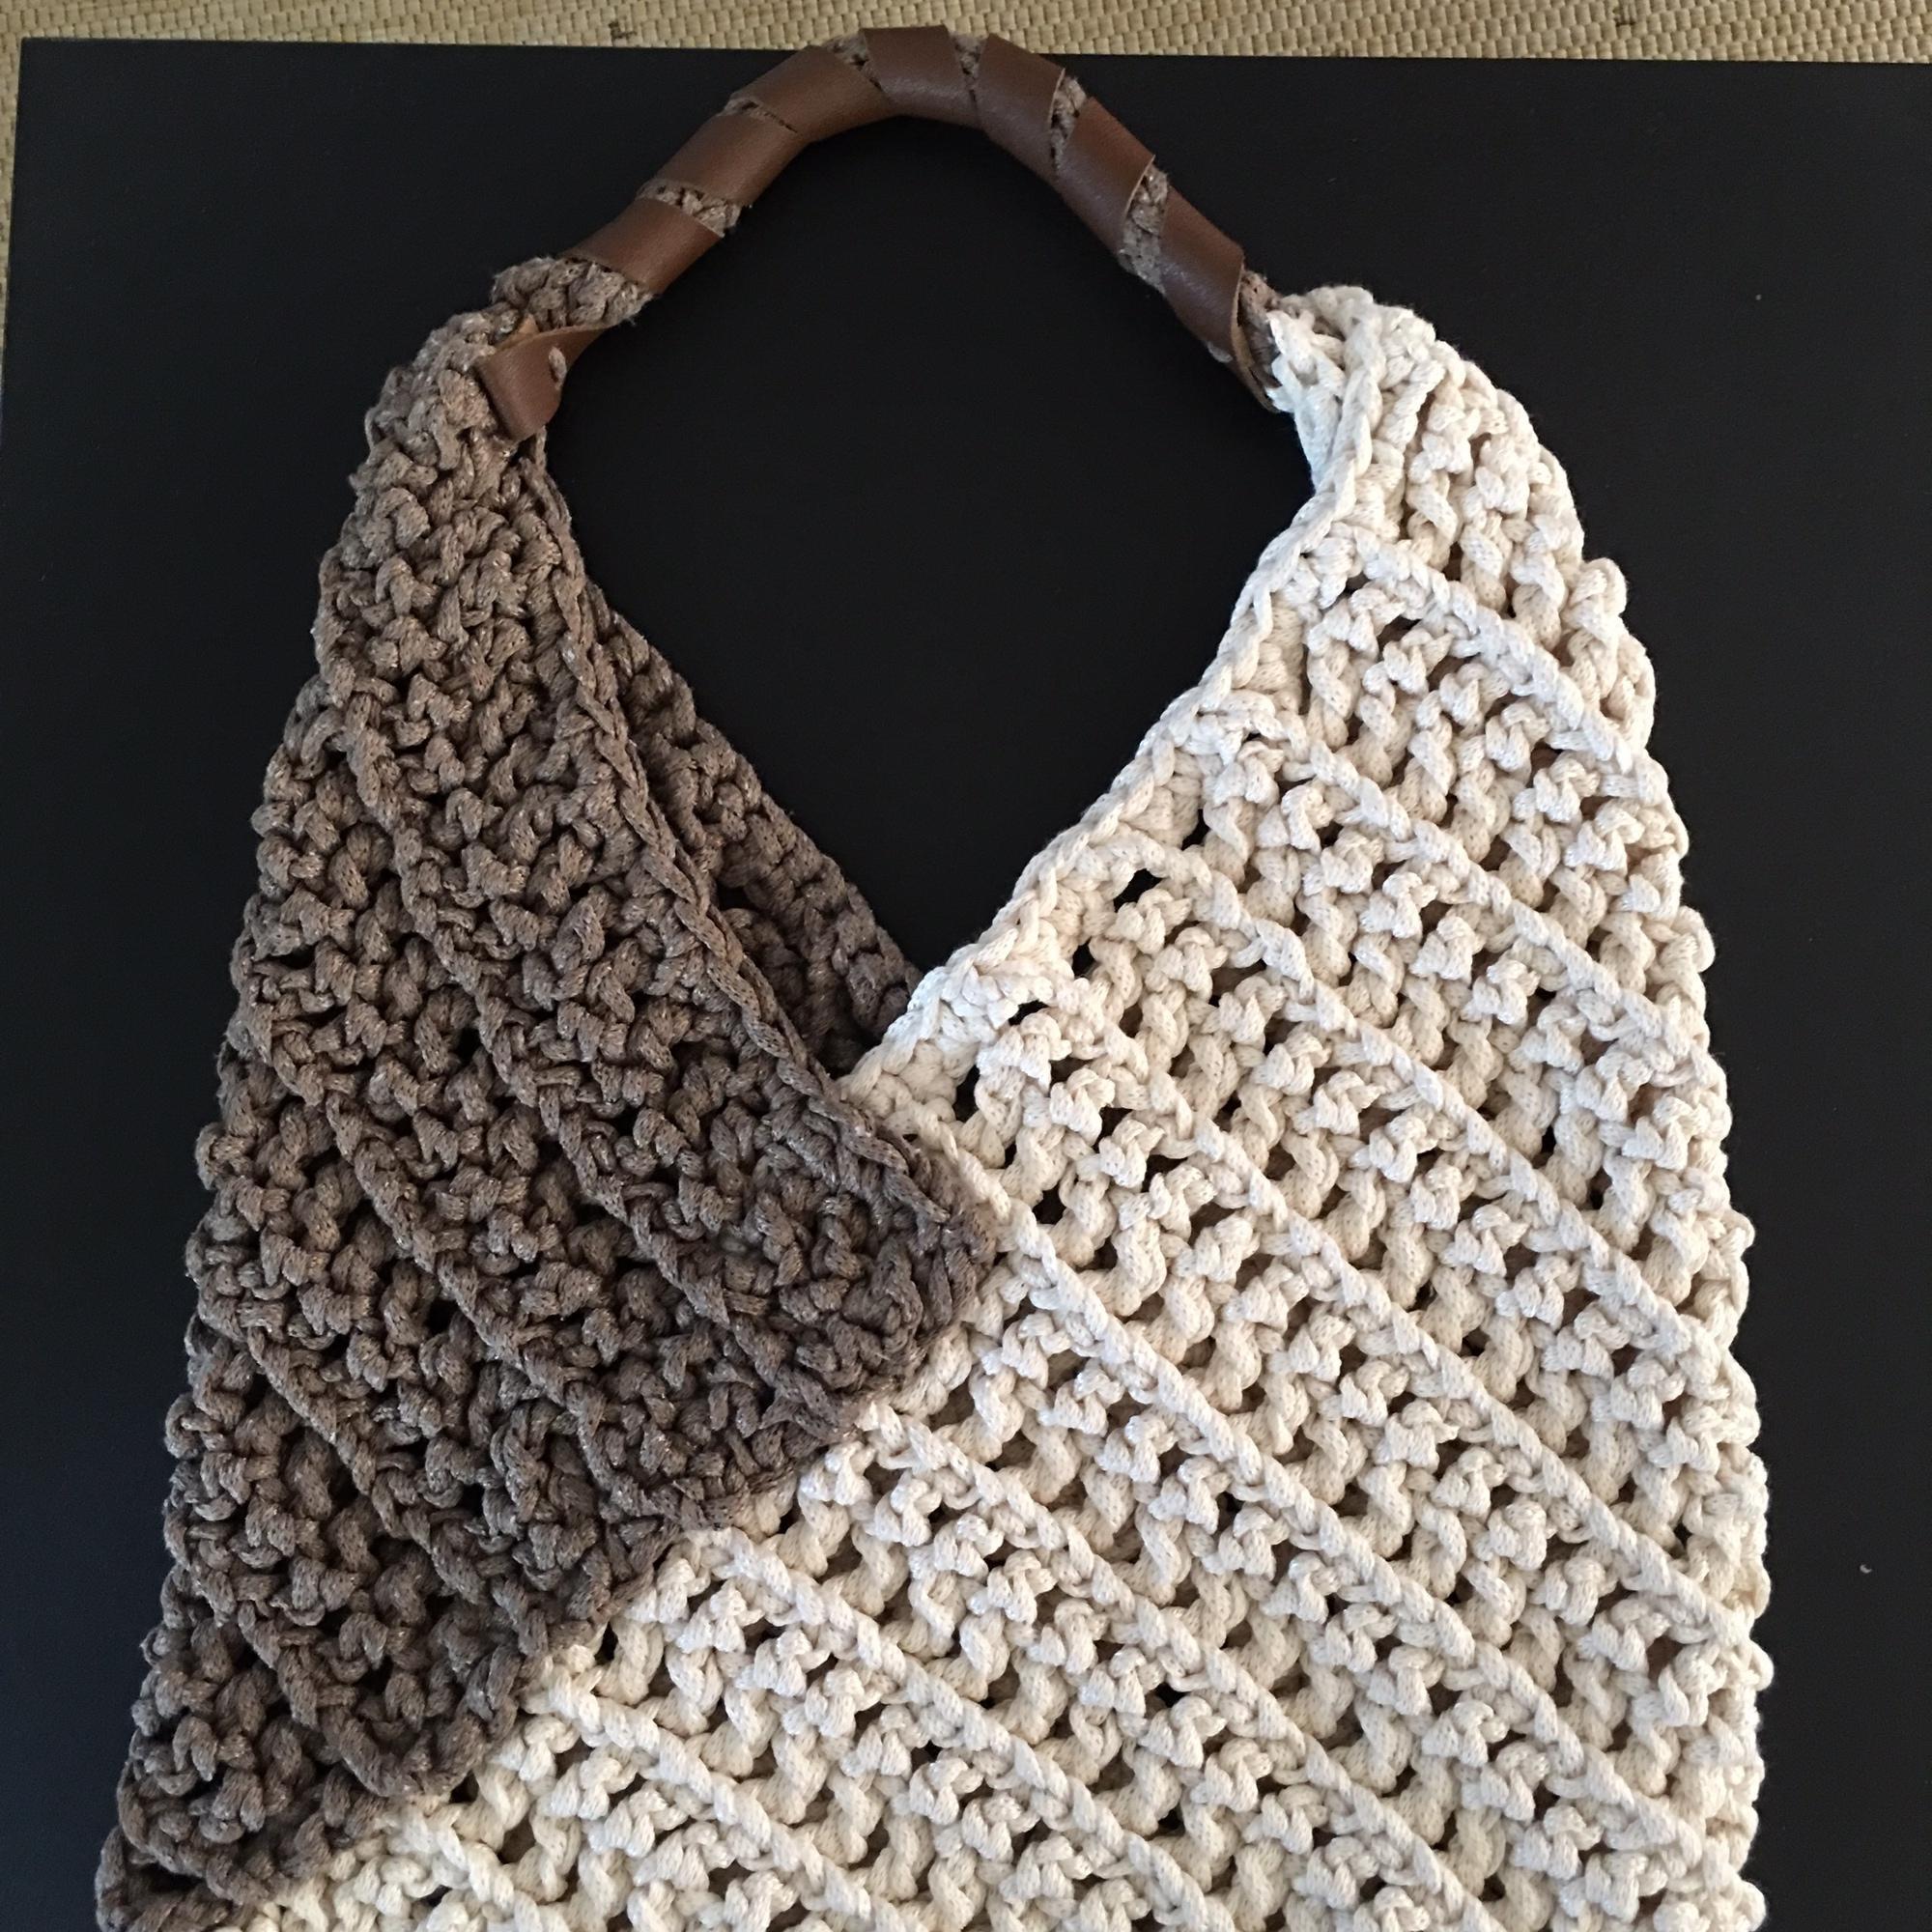 Bolsa Universitaria Croche Bege  9c81a01b091